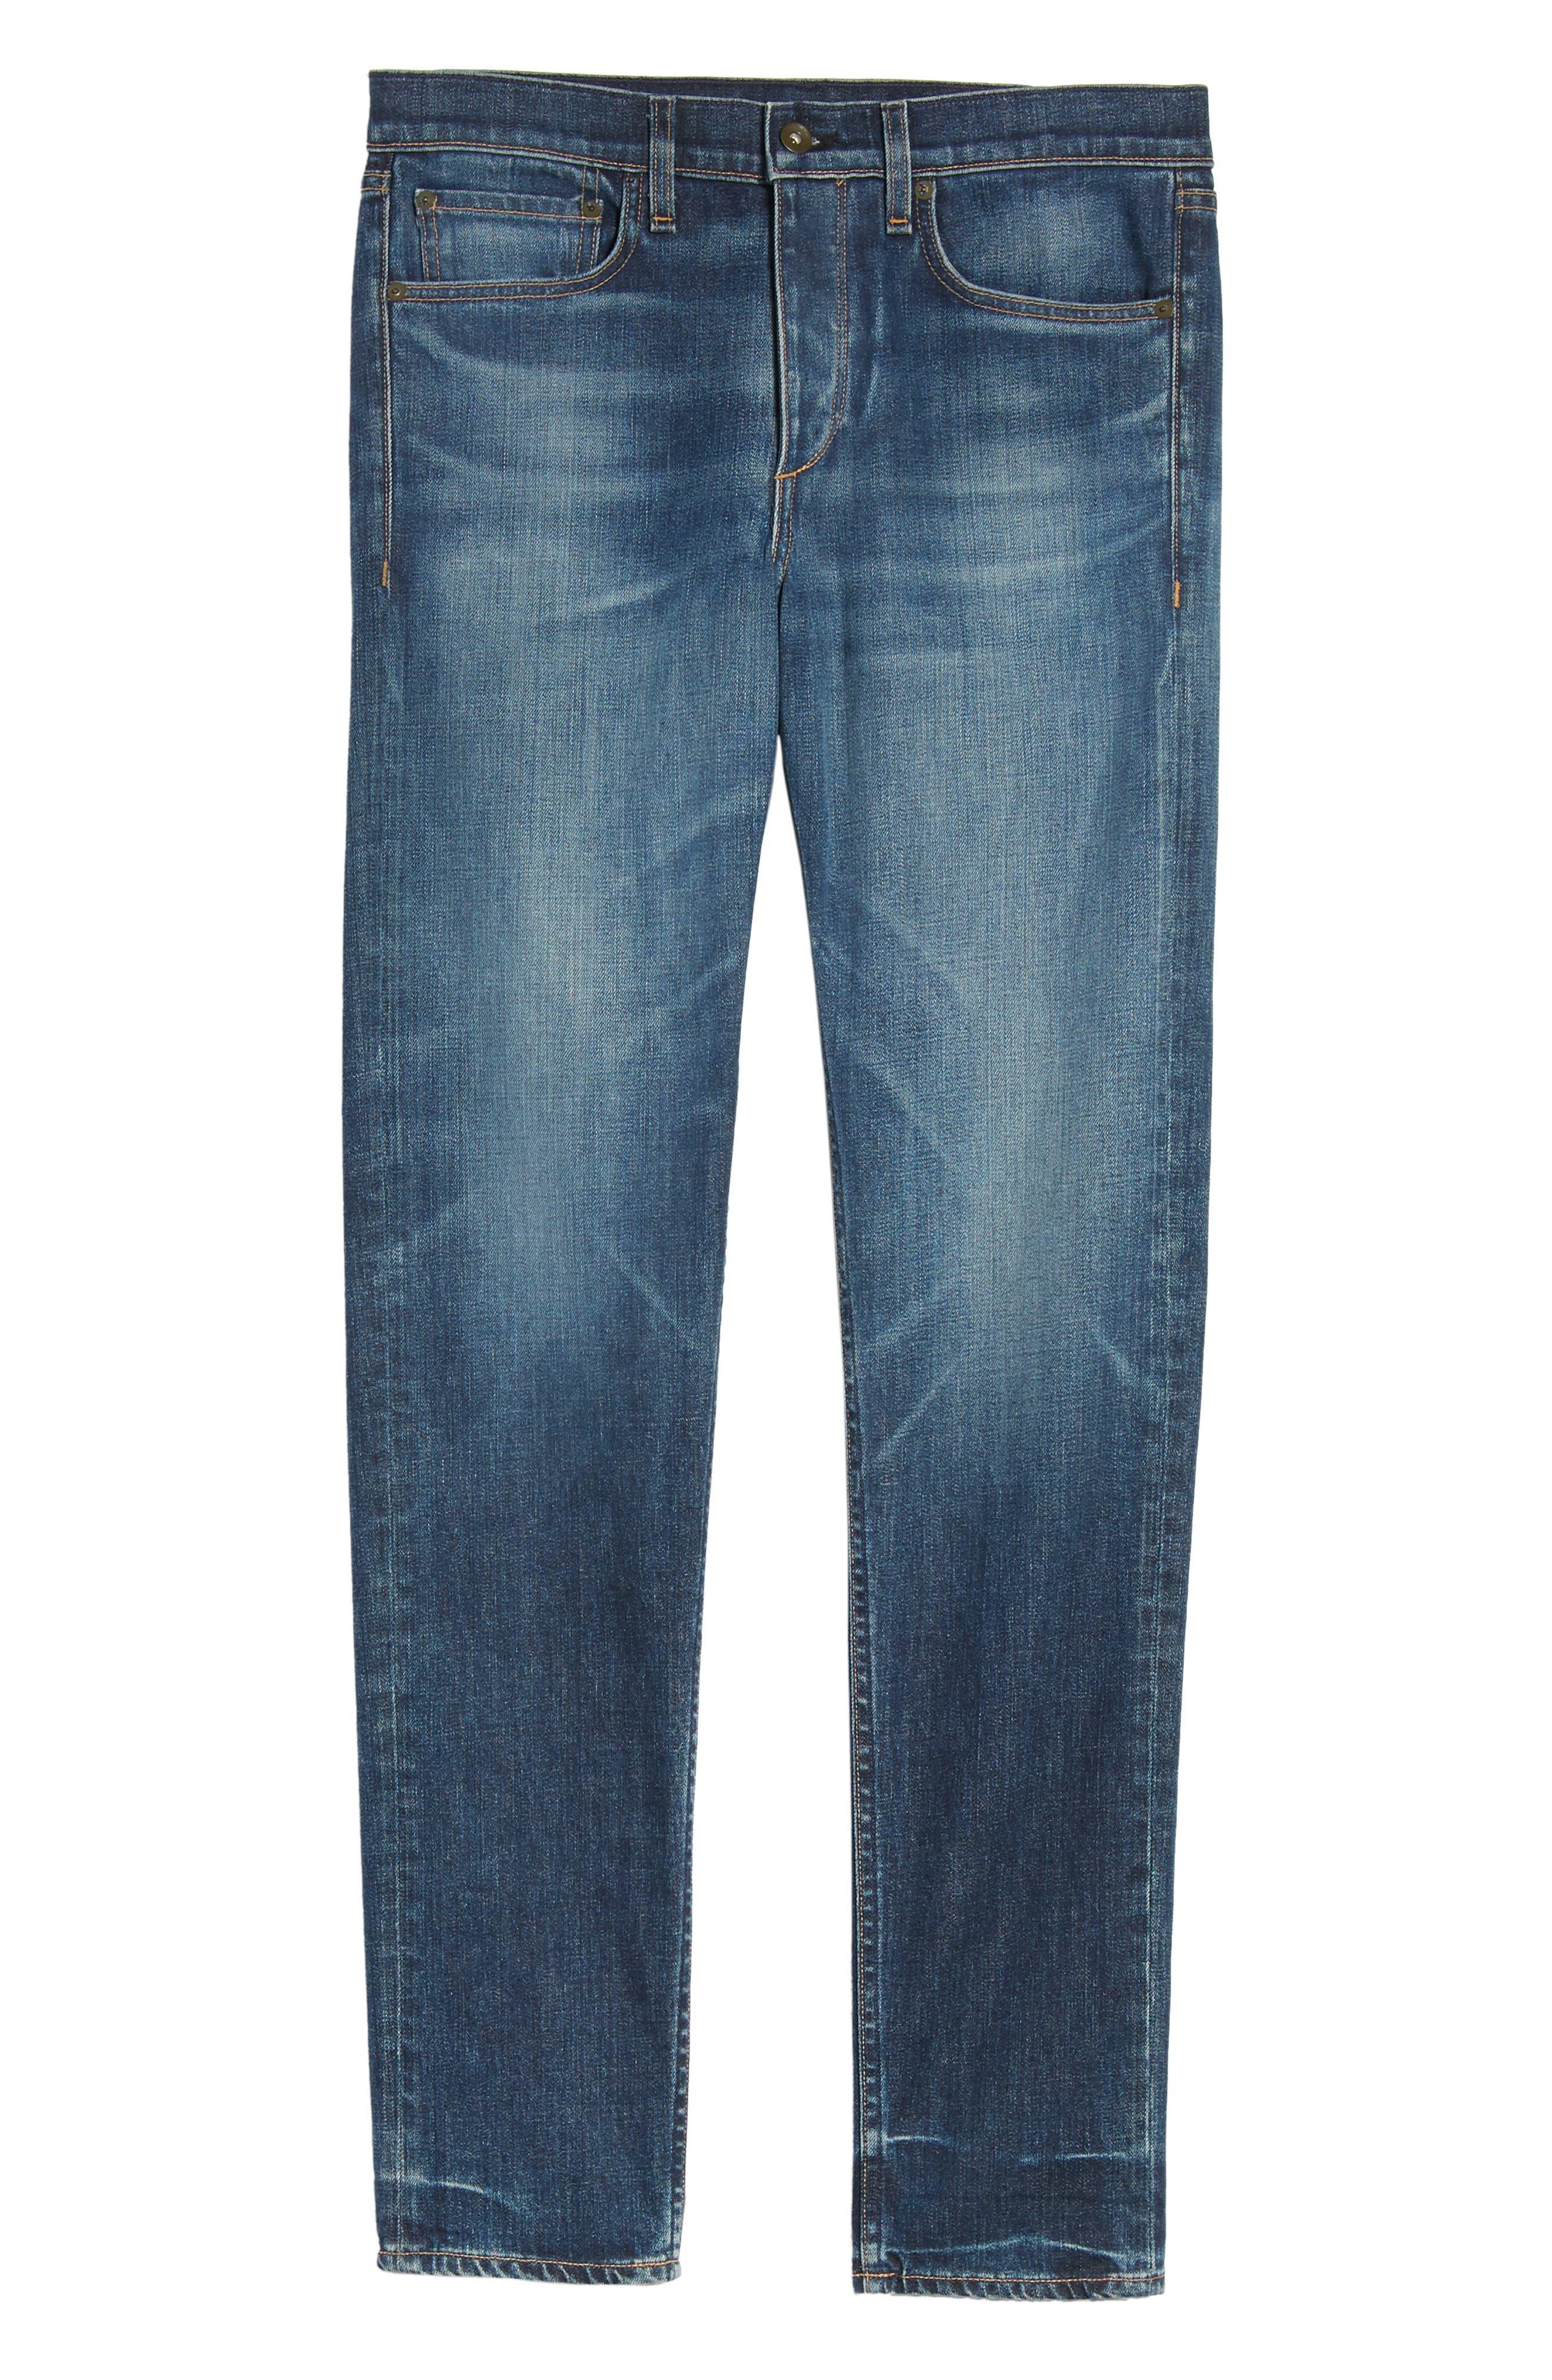 Fit 2 Slim Fit Jeans,                             Alternate thumbnail 6, color,                             LINDEN